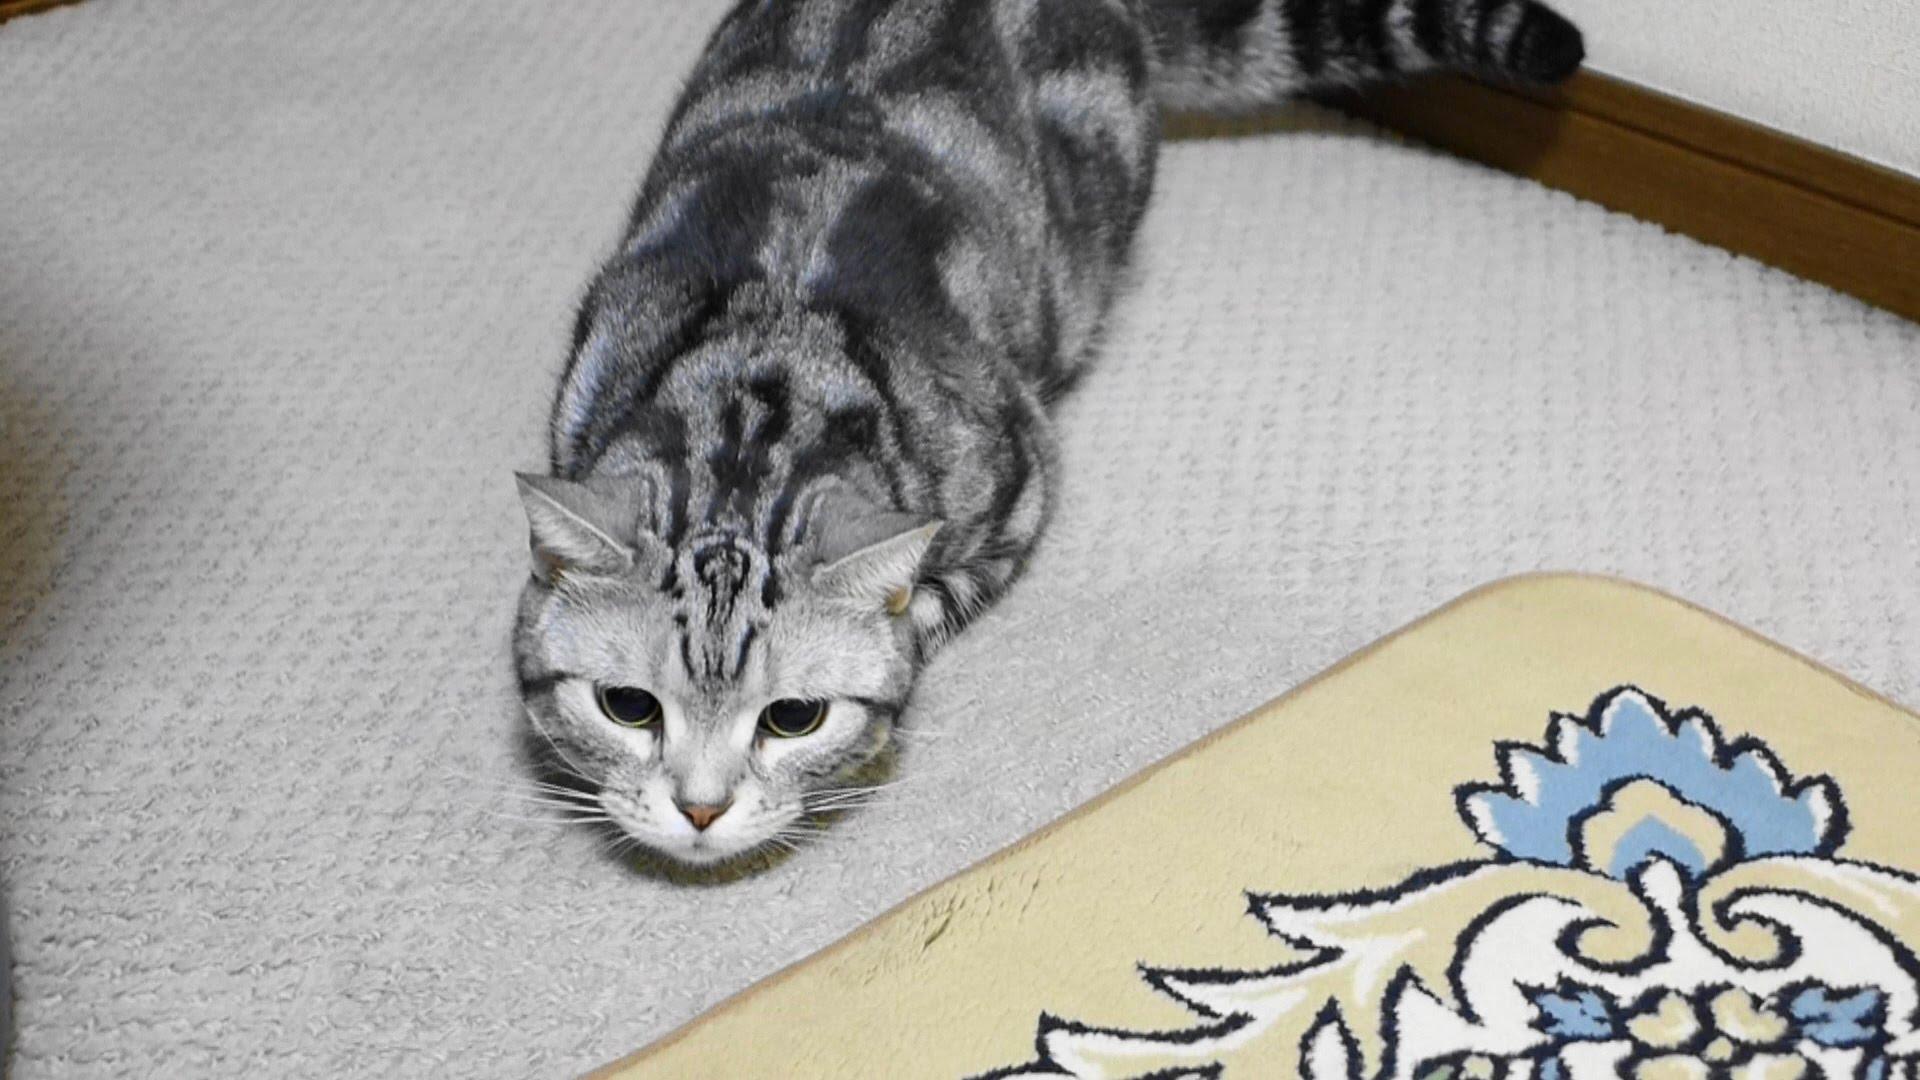 お尻をフリフリと獲物を狙うアメリカンショートヘア猫動画